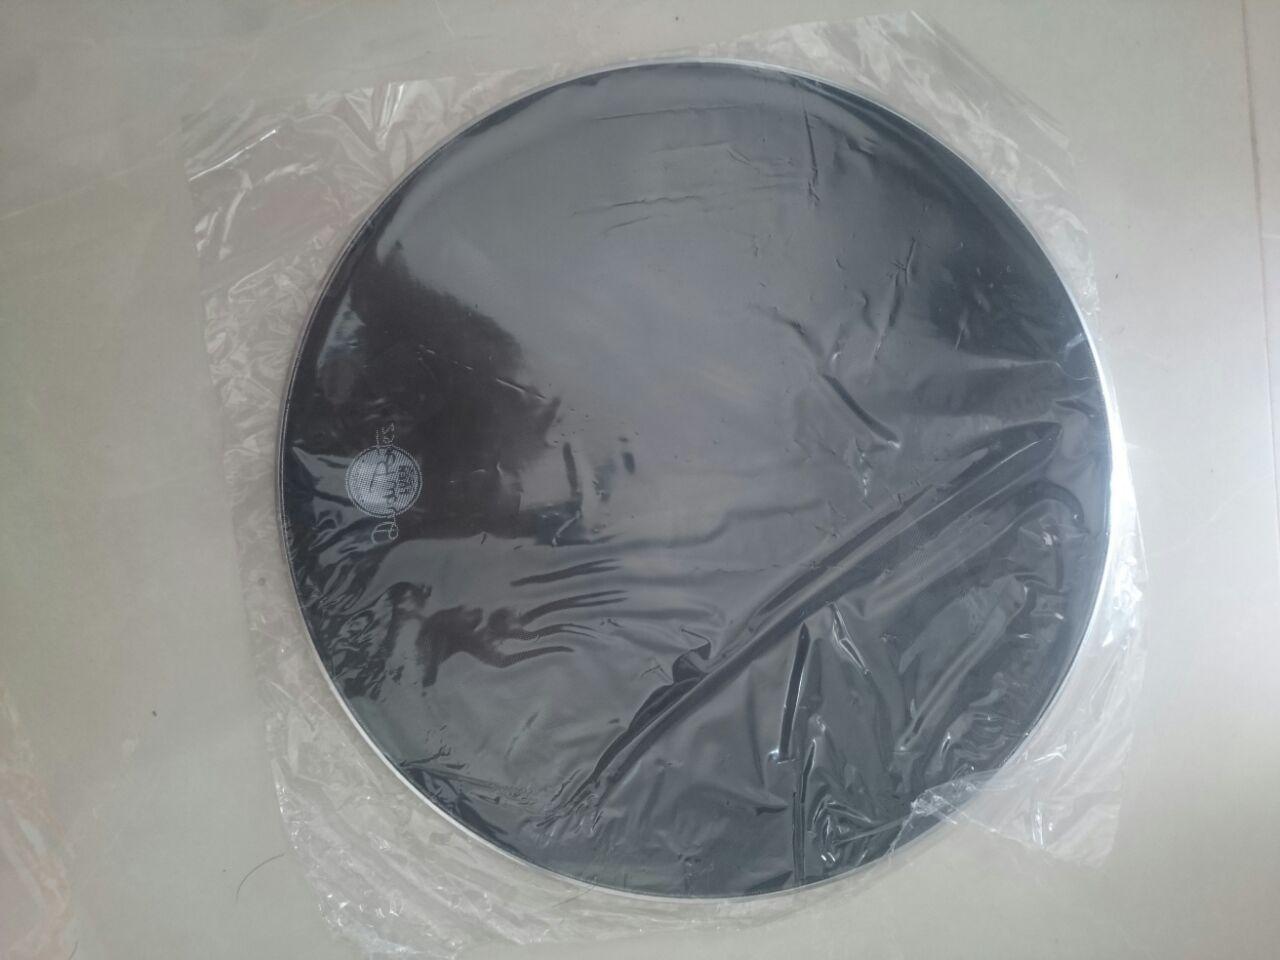 Pele Muda De Bumbo Bateria 20 Silent Dudu Portes Com Protetor, perfeita para estudo sem barulho alto  - ROOSTERMUSIC